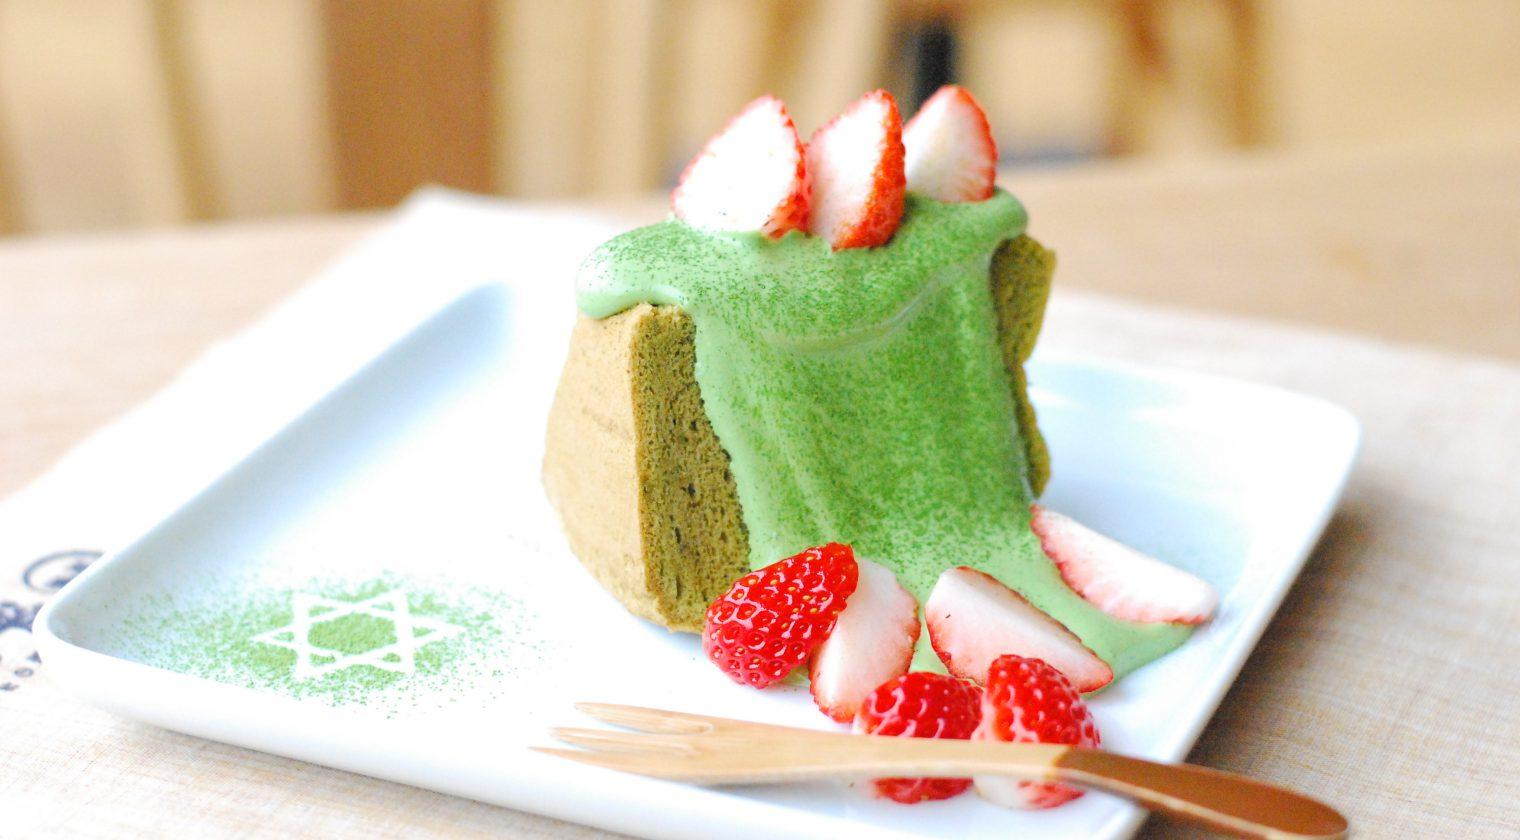 抹茶と米粉のシフォンケーキ〜イチゴと抹茶クリームのせ〜